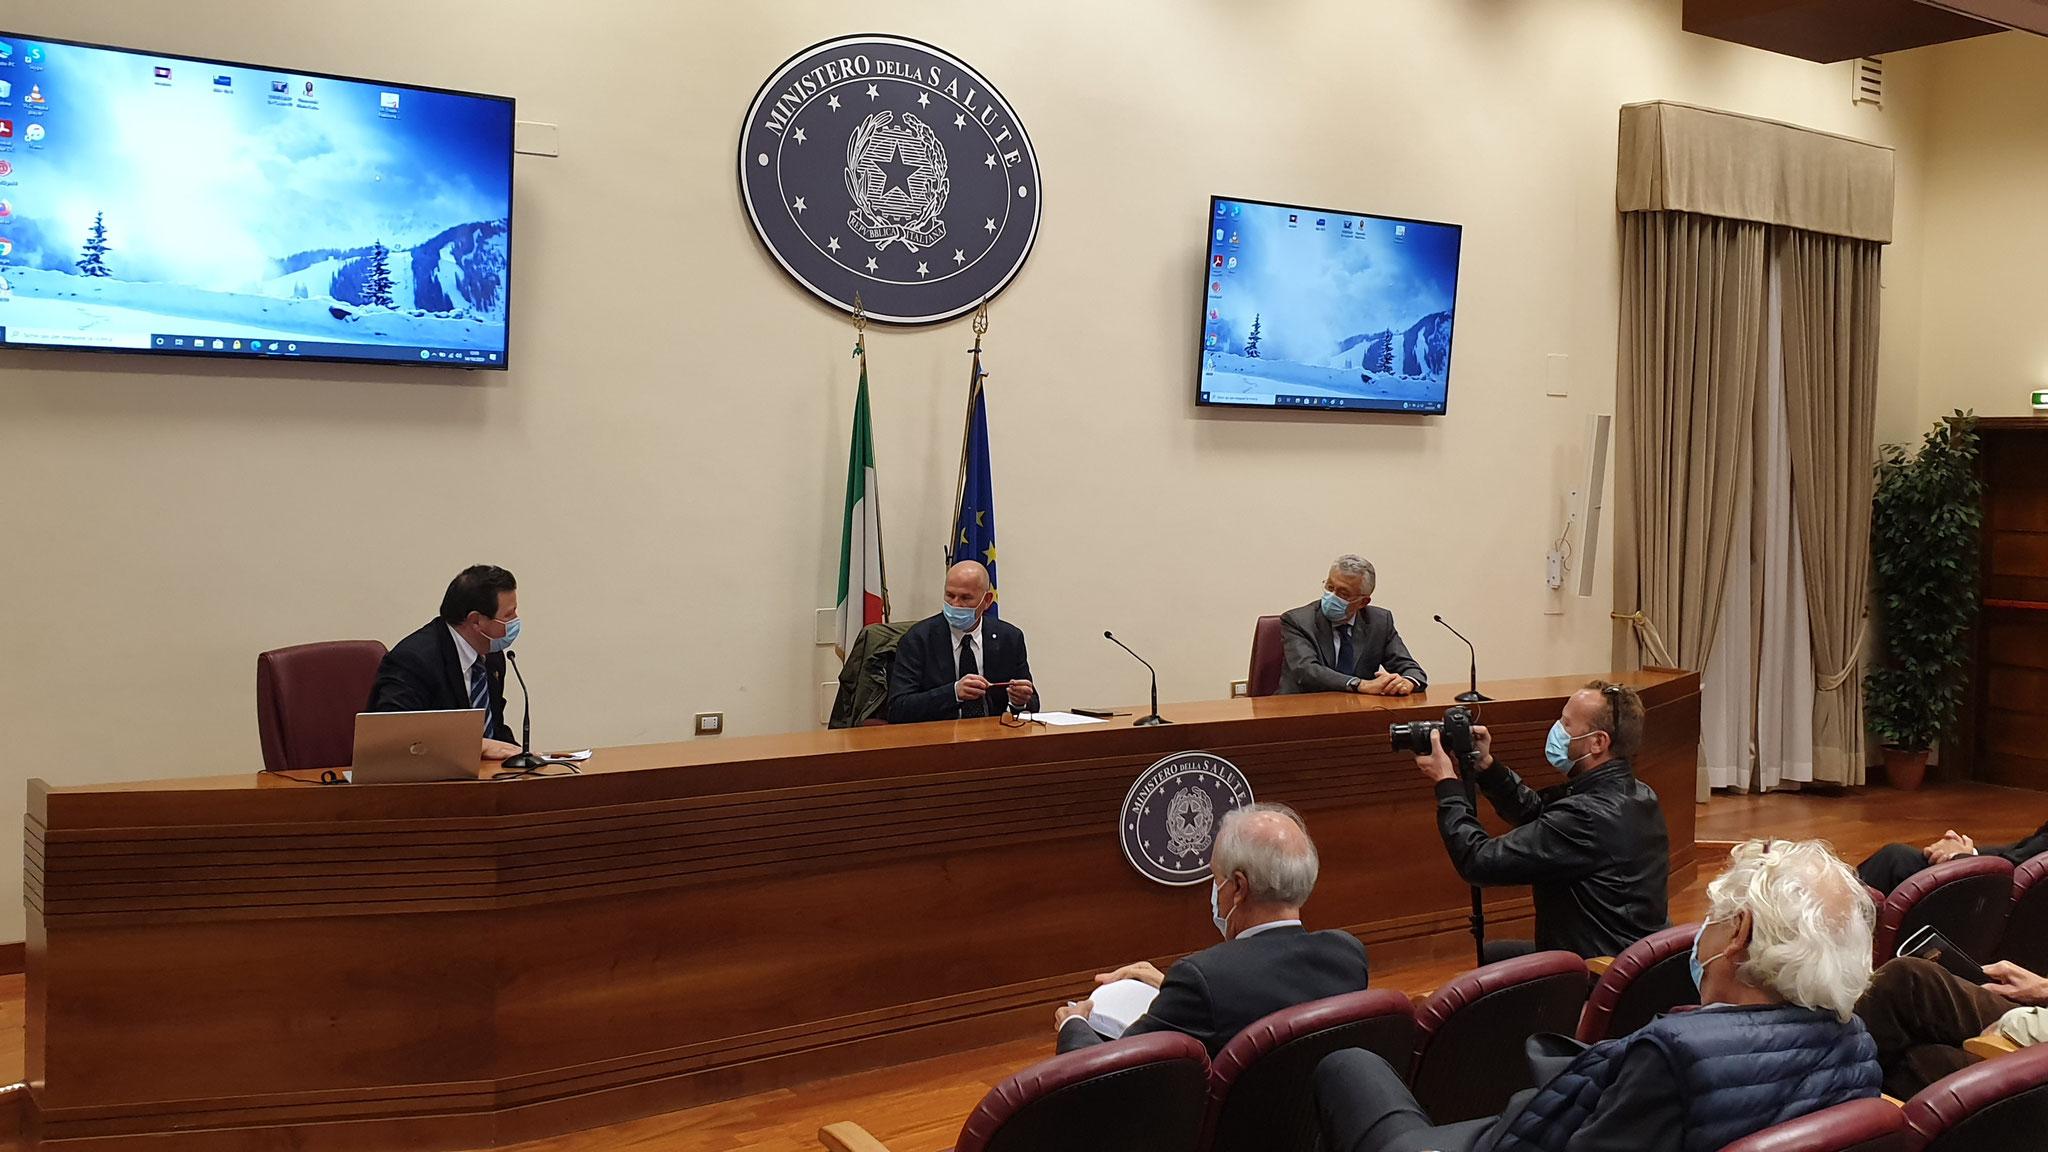 Intervento del Presidente Vicario di Federcarni Stefano Casella